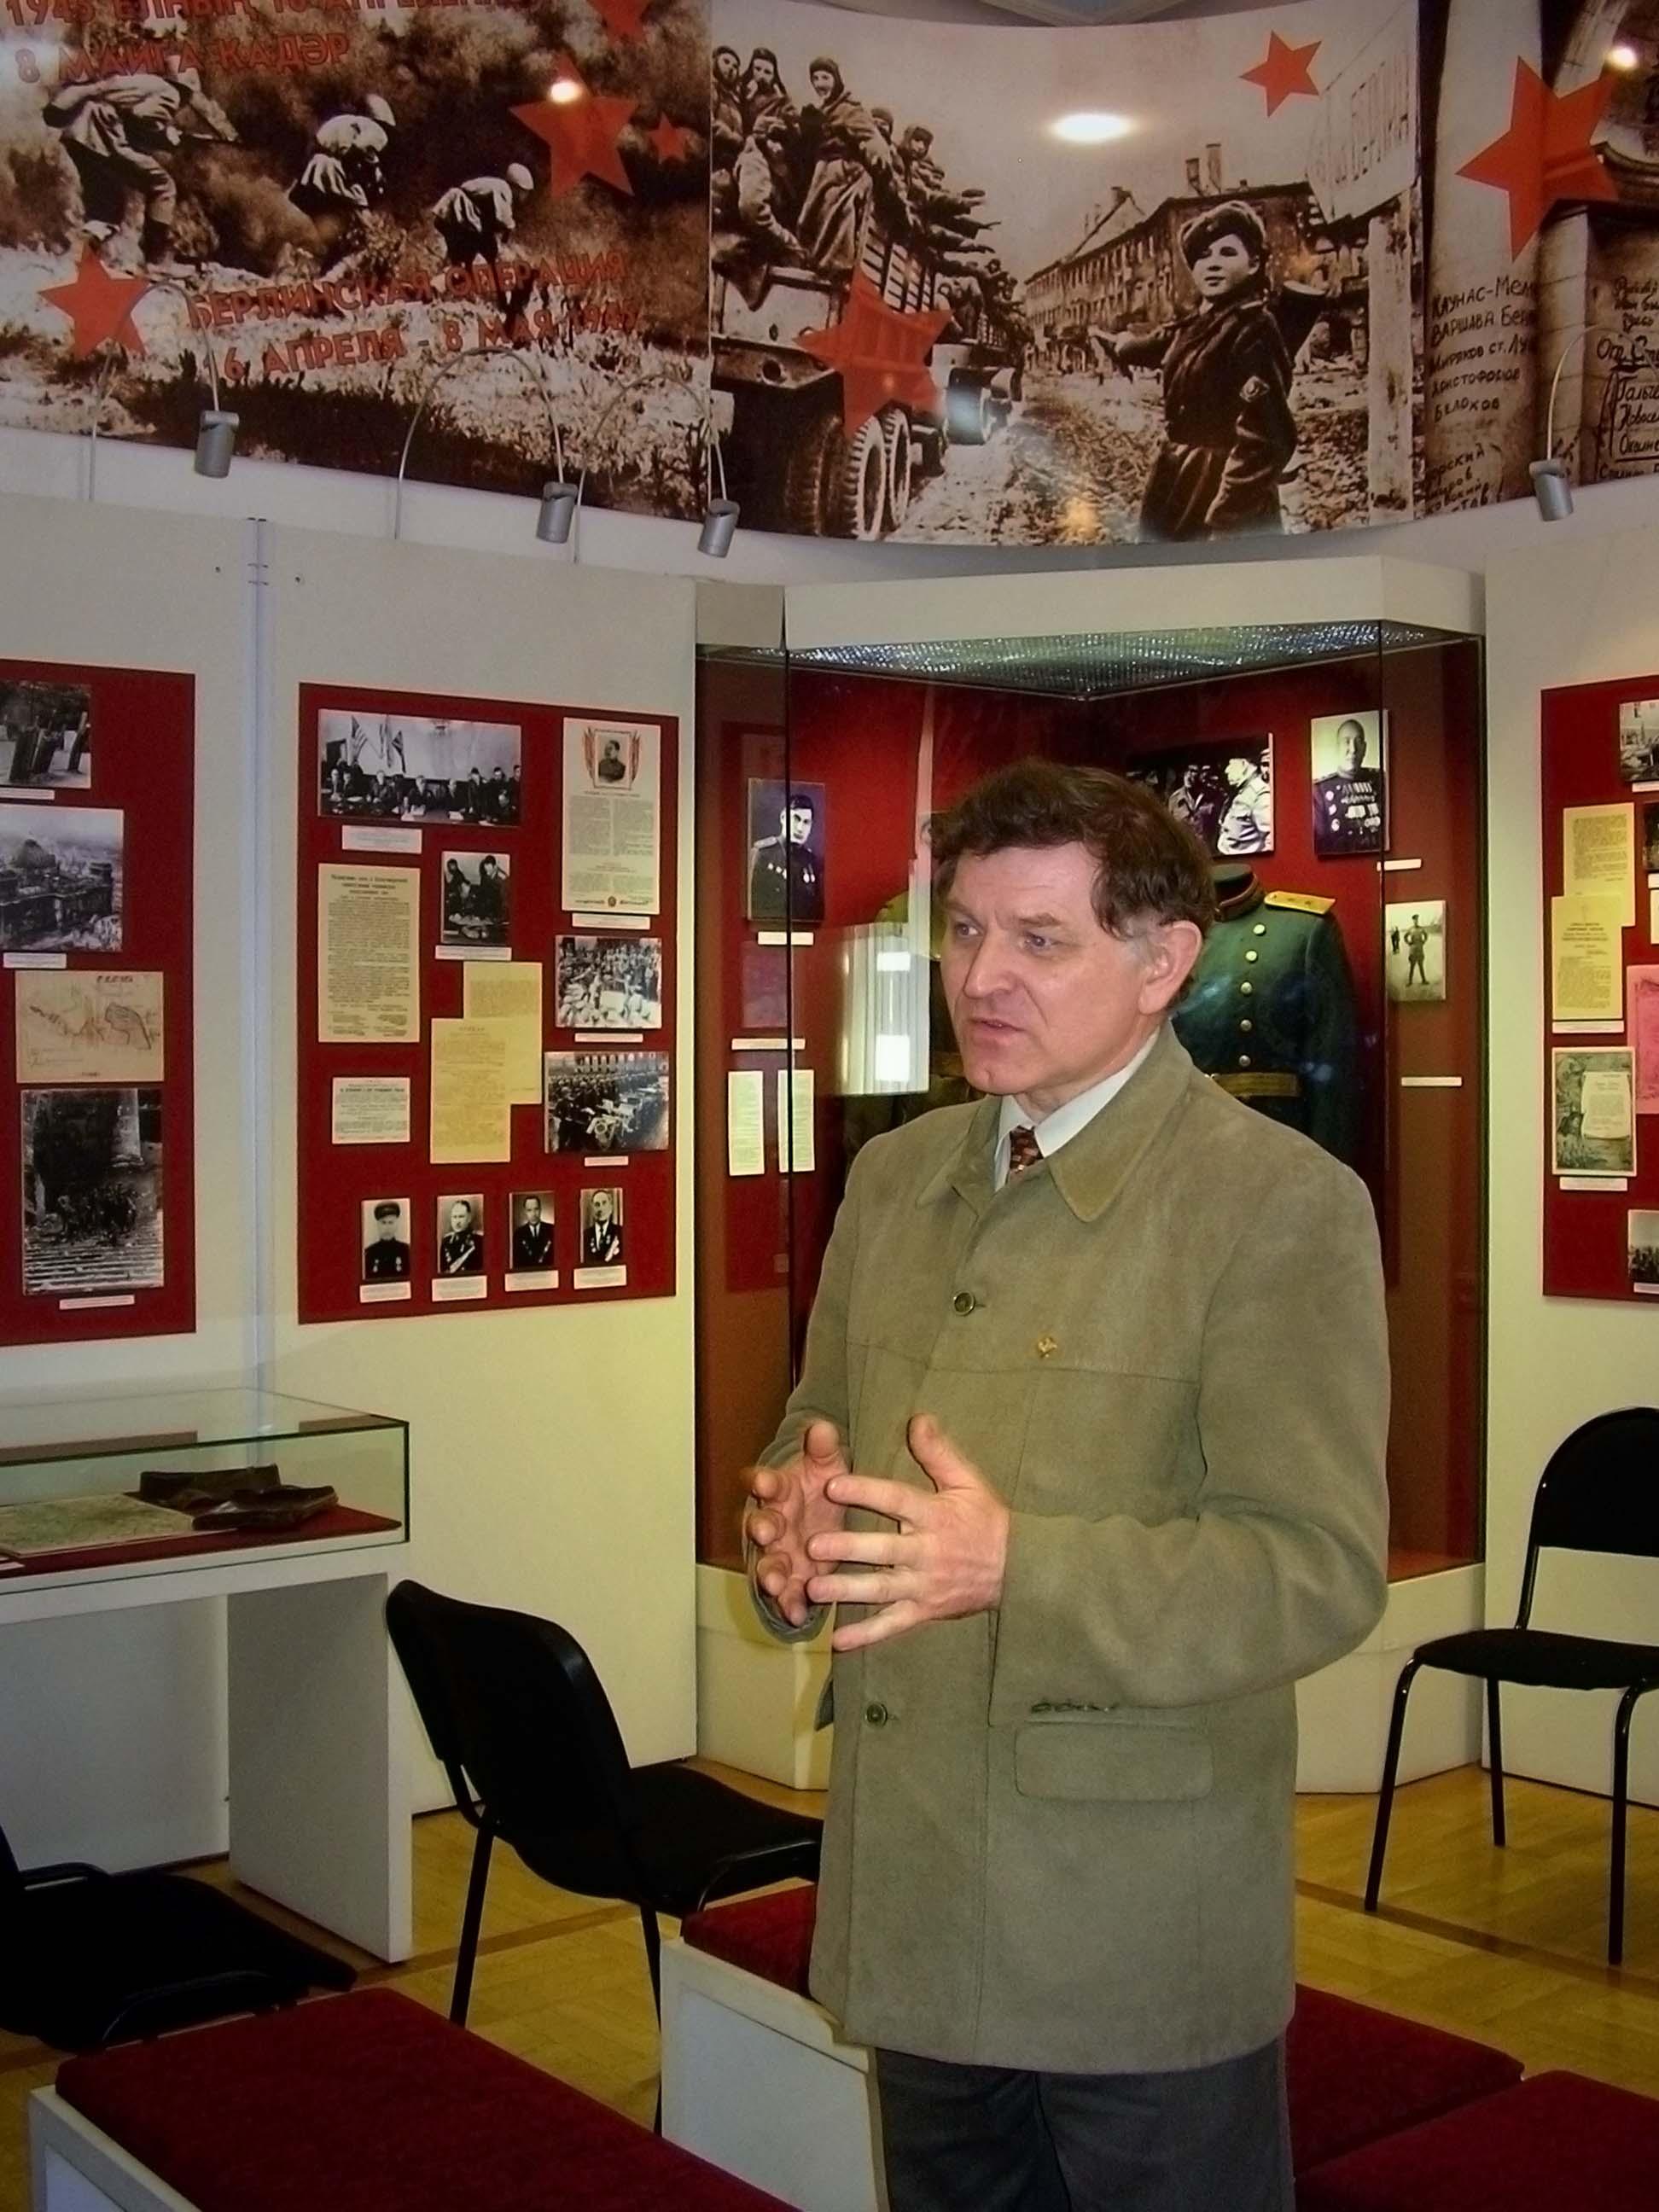 Фото №9750. М.Черепанов, заведующий музеем ВОв